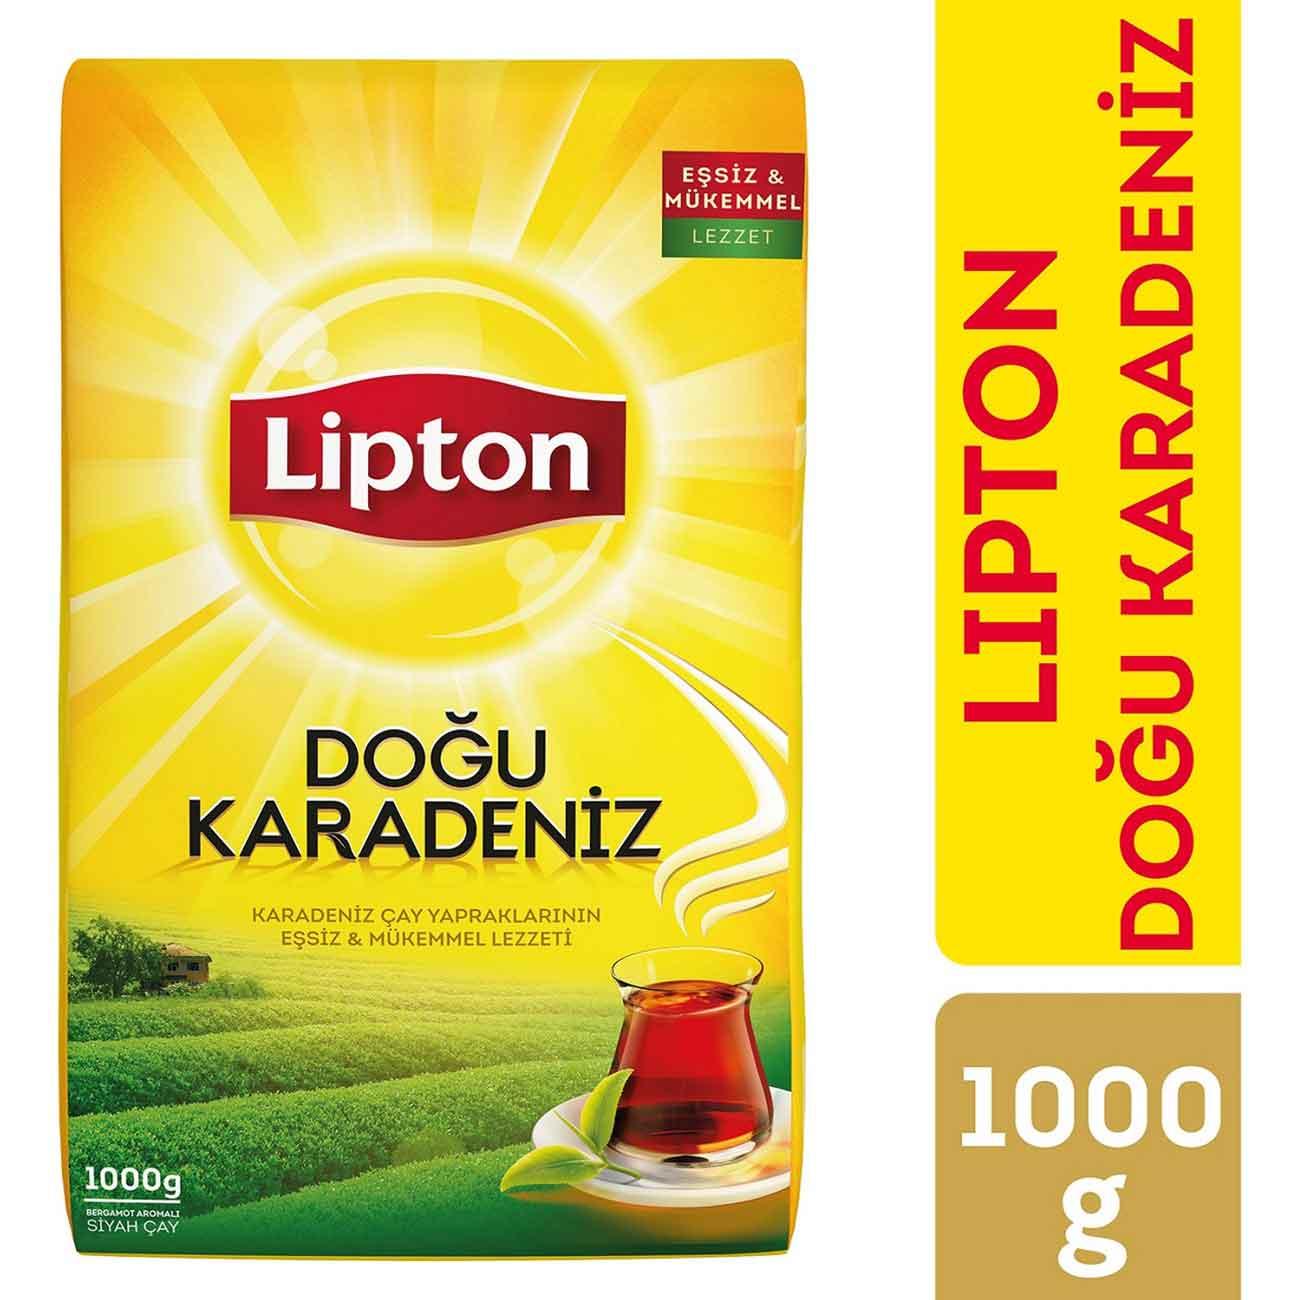 LİPTON DOĞU KARADENİZ DÖKME ÇAY 1000 GR